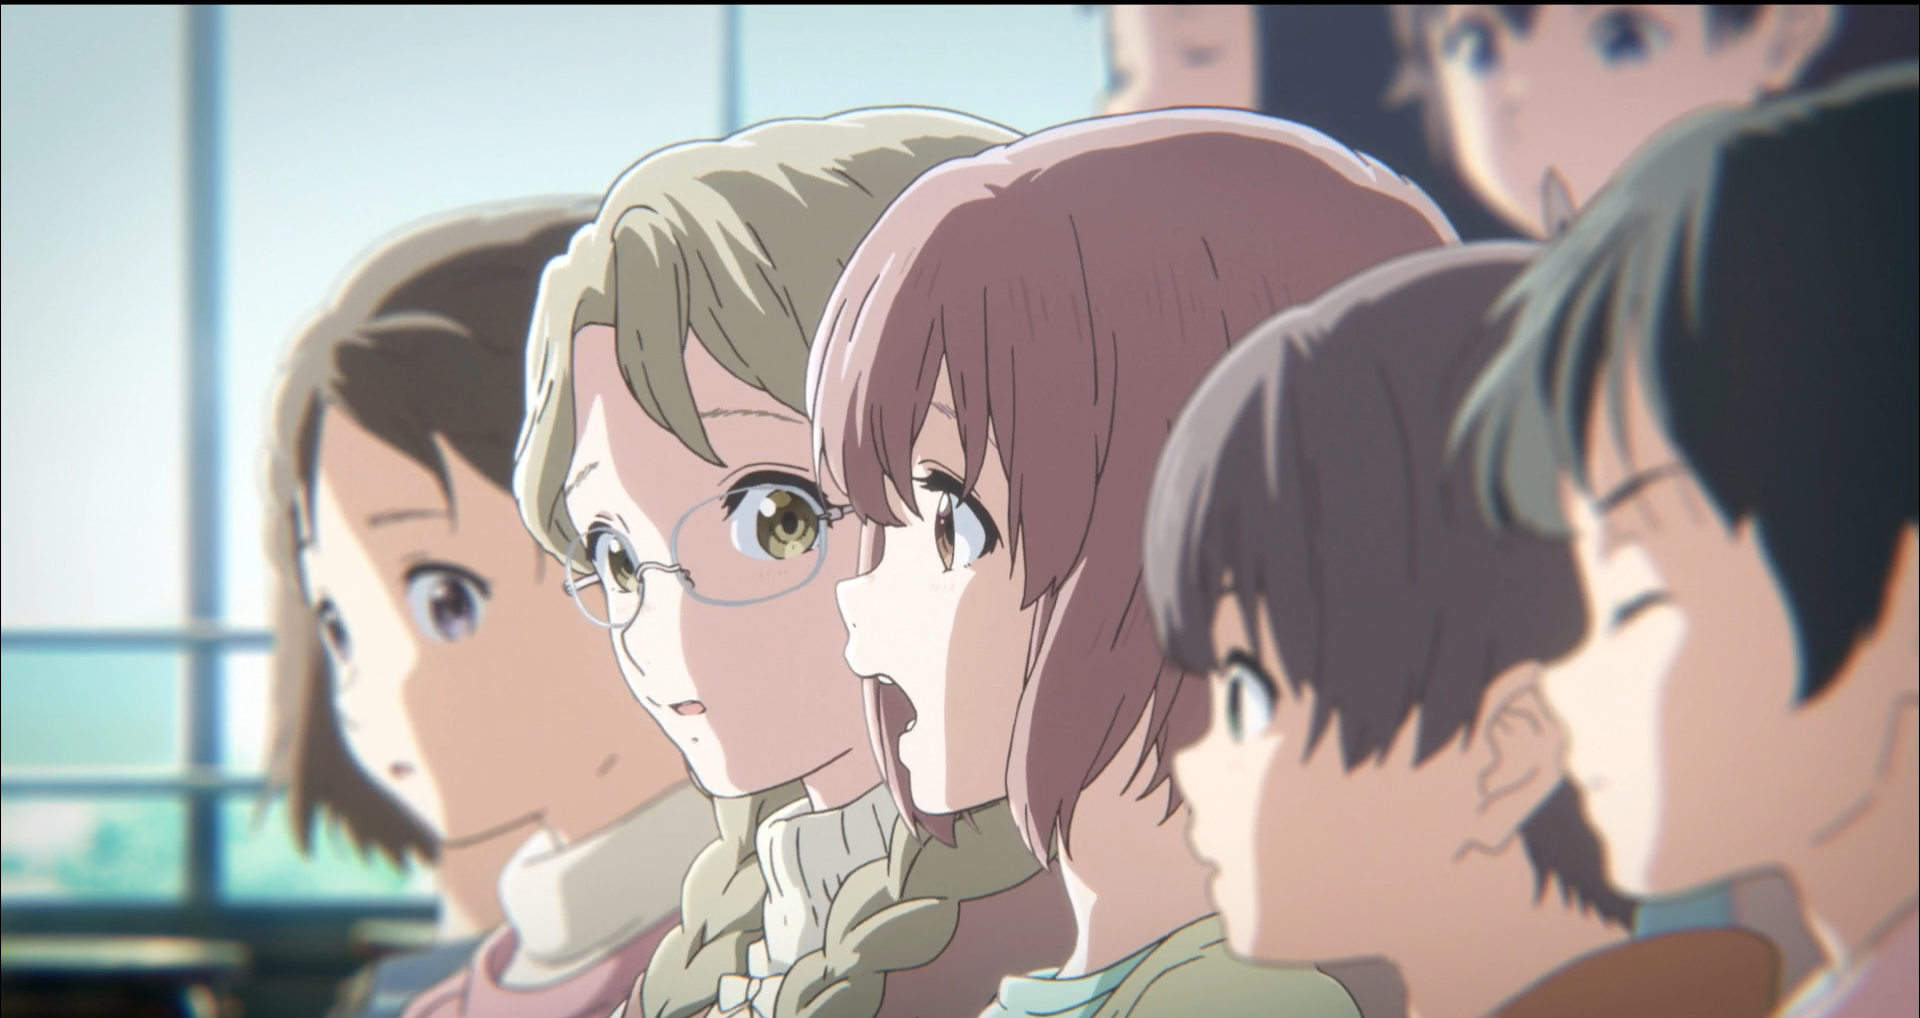 Imagen tomada del anime 'A Silent Voice' con la protagonista de perfil en fila con sus compañeros de clases.